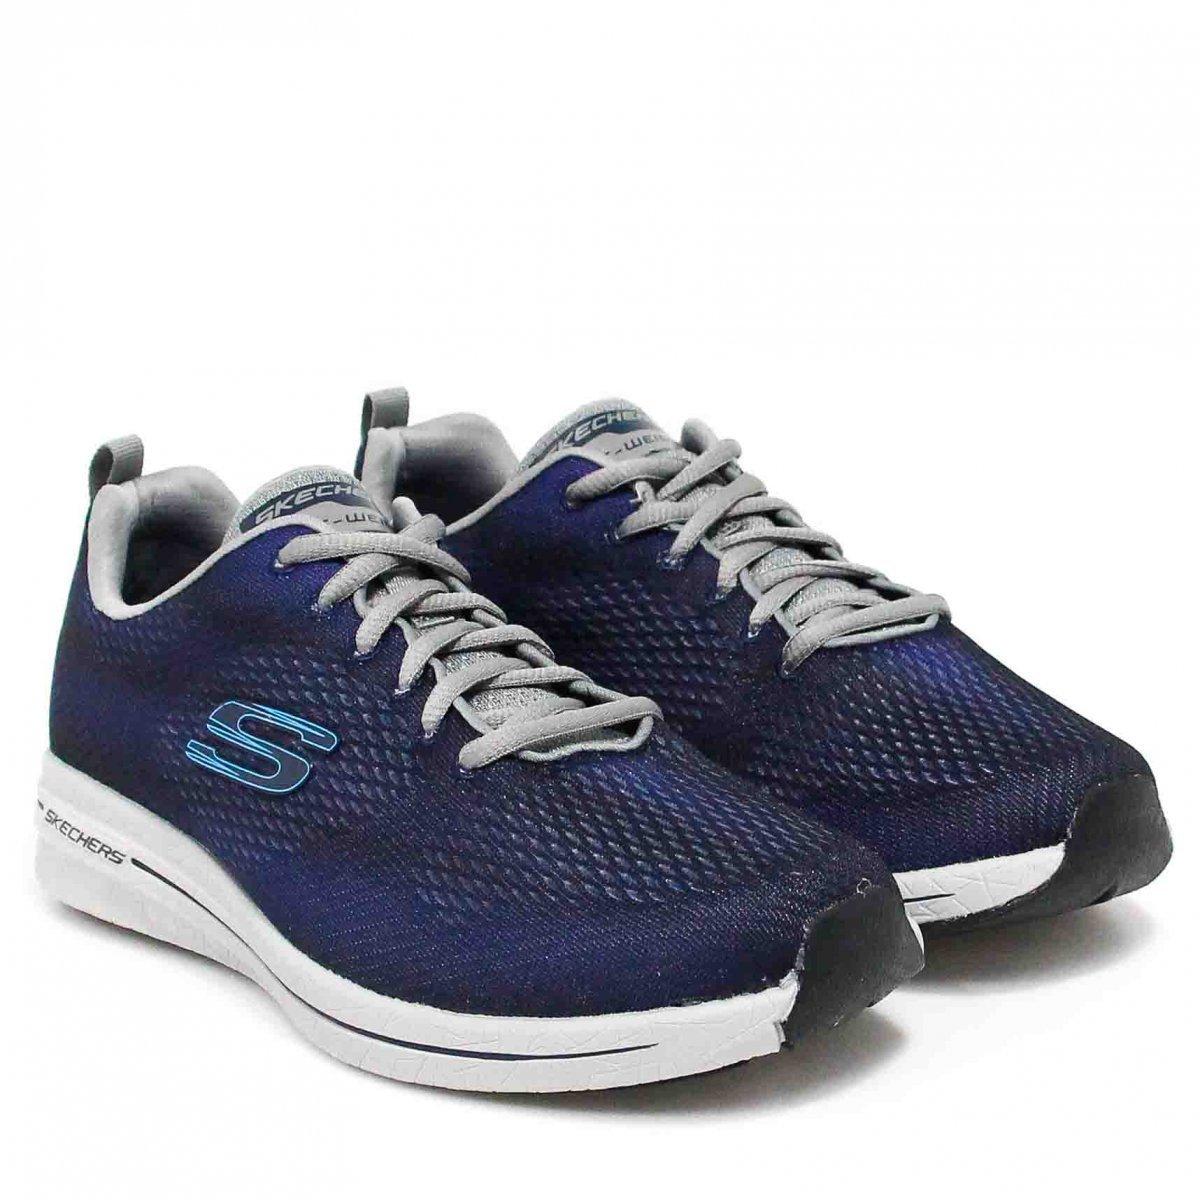 Tênis Skechers Caminhada Corrida Burst 2.0 - Compre Agora  b17757703709b